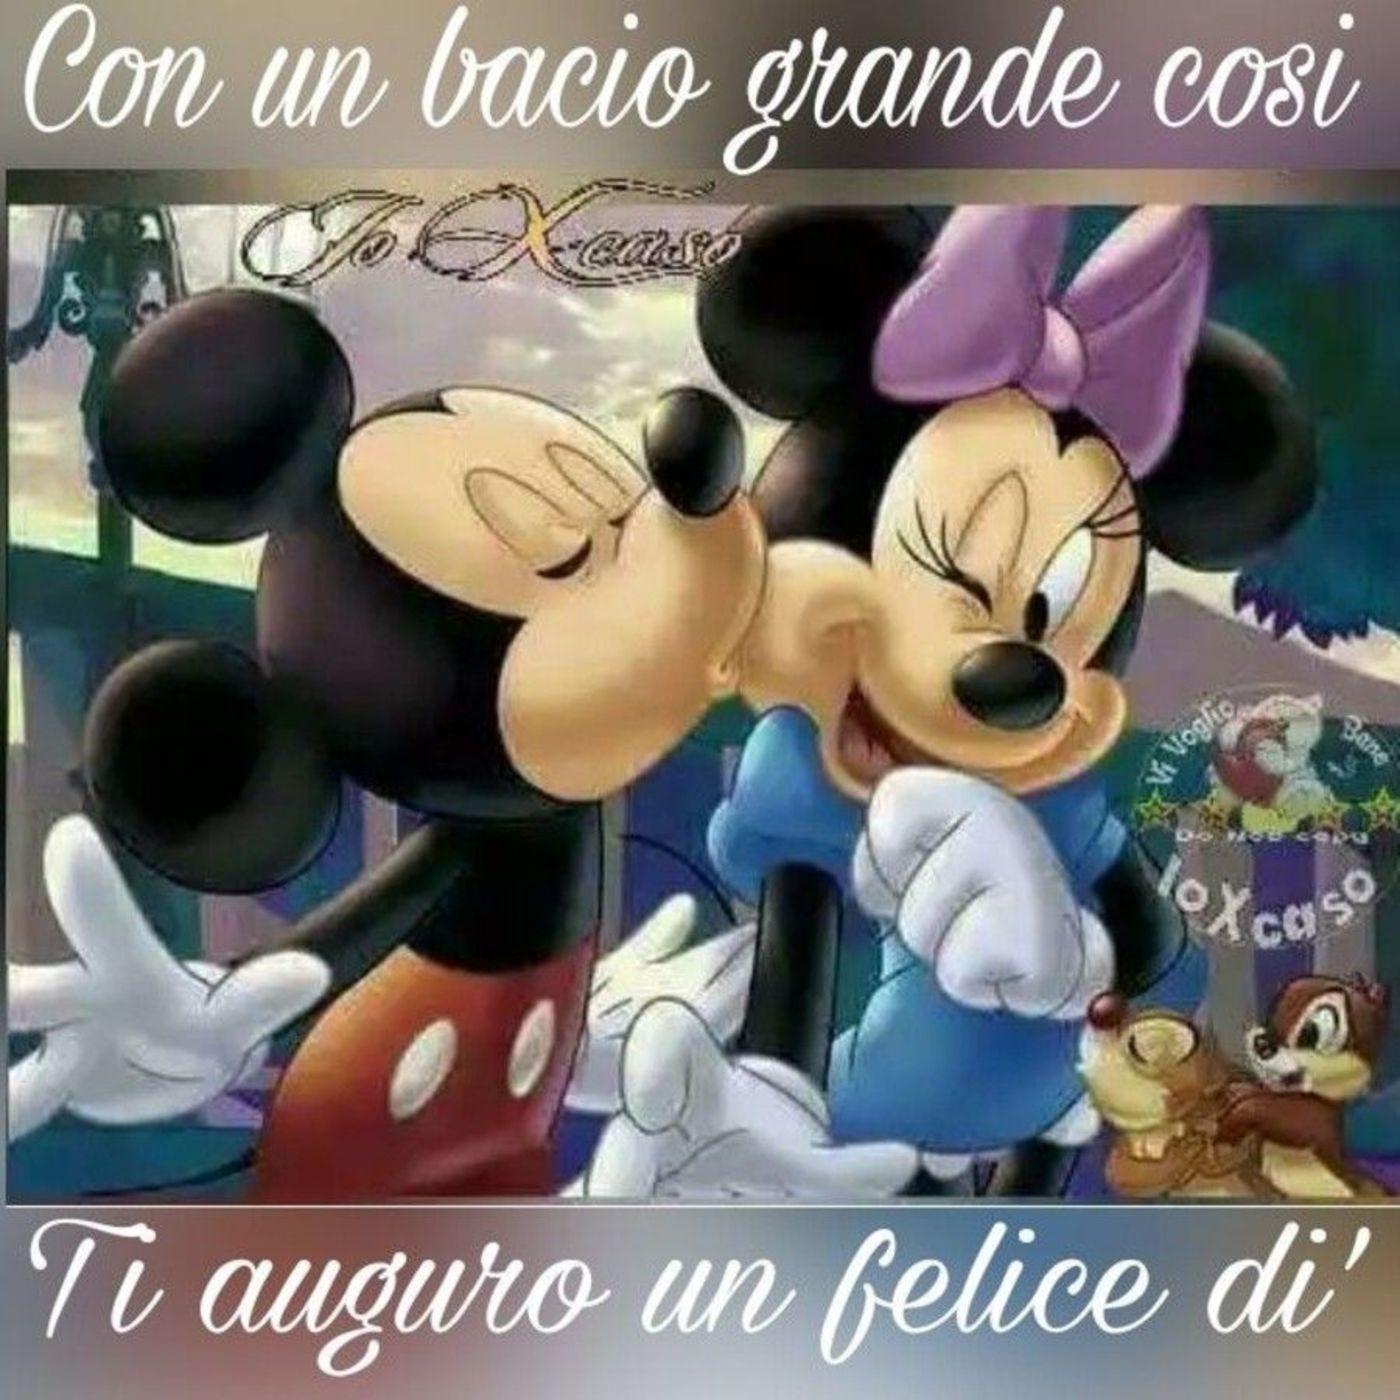 Minnie e topolino buongiorno buongiorno topolino buongiorno